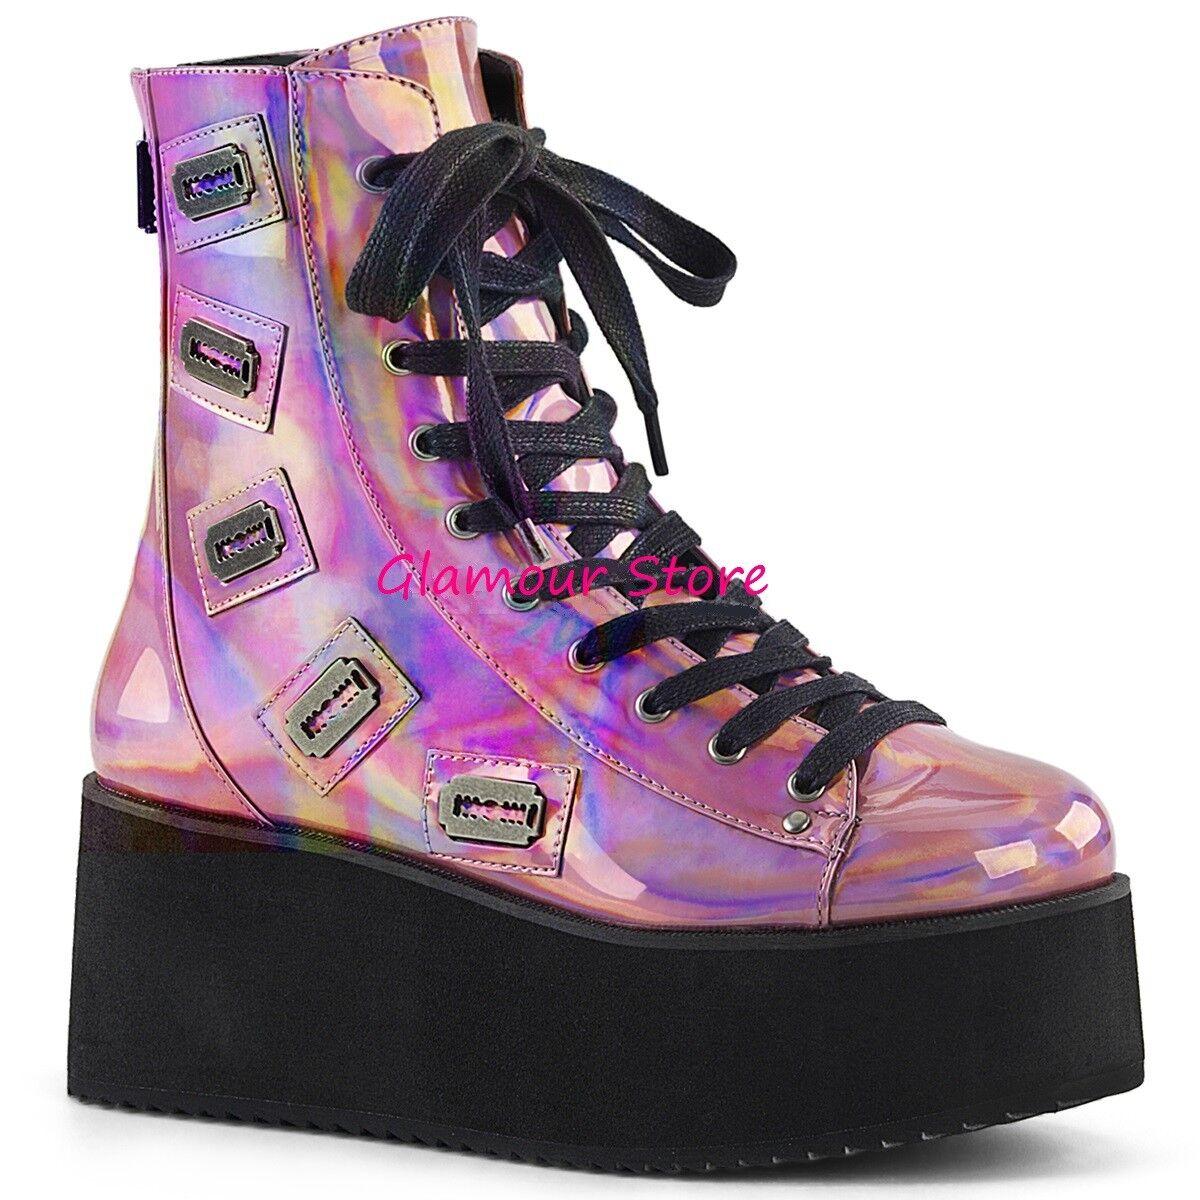 Sexy STIVALETTI ANFIBI DONNA DONNA DONNA tacco zeppa 7 cm rosa stringati zip scarpe rock | Acquisto  aae725